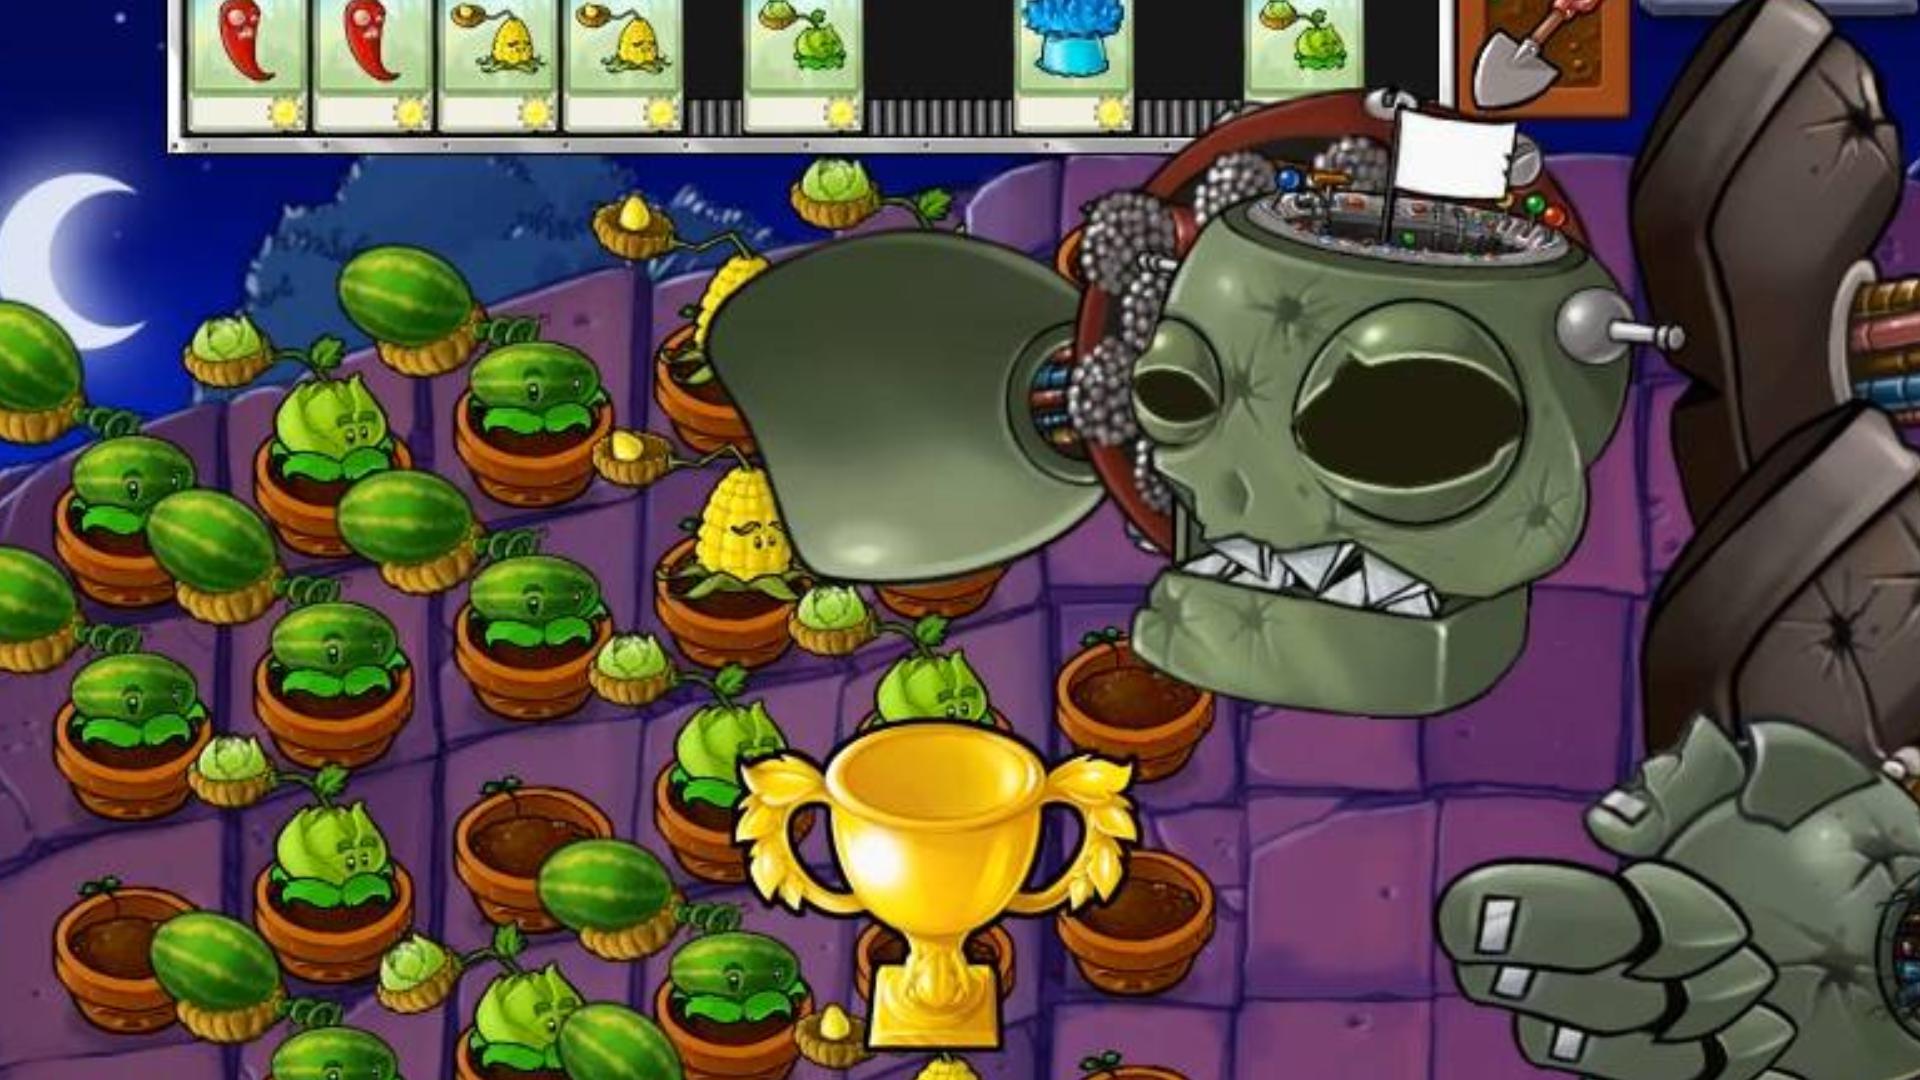 植物大战僵尸:钉子户勇斗开发商!看我如何应对僵王博士的非法拆迁